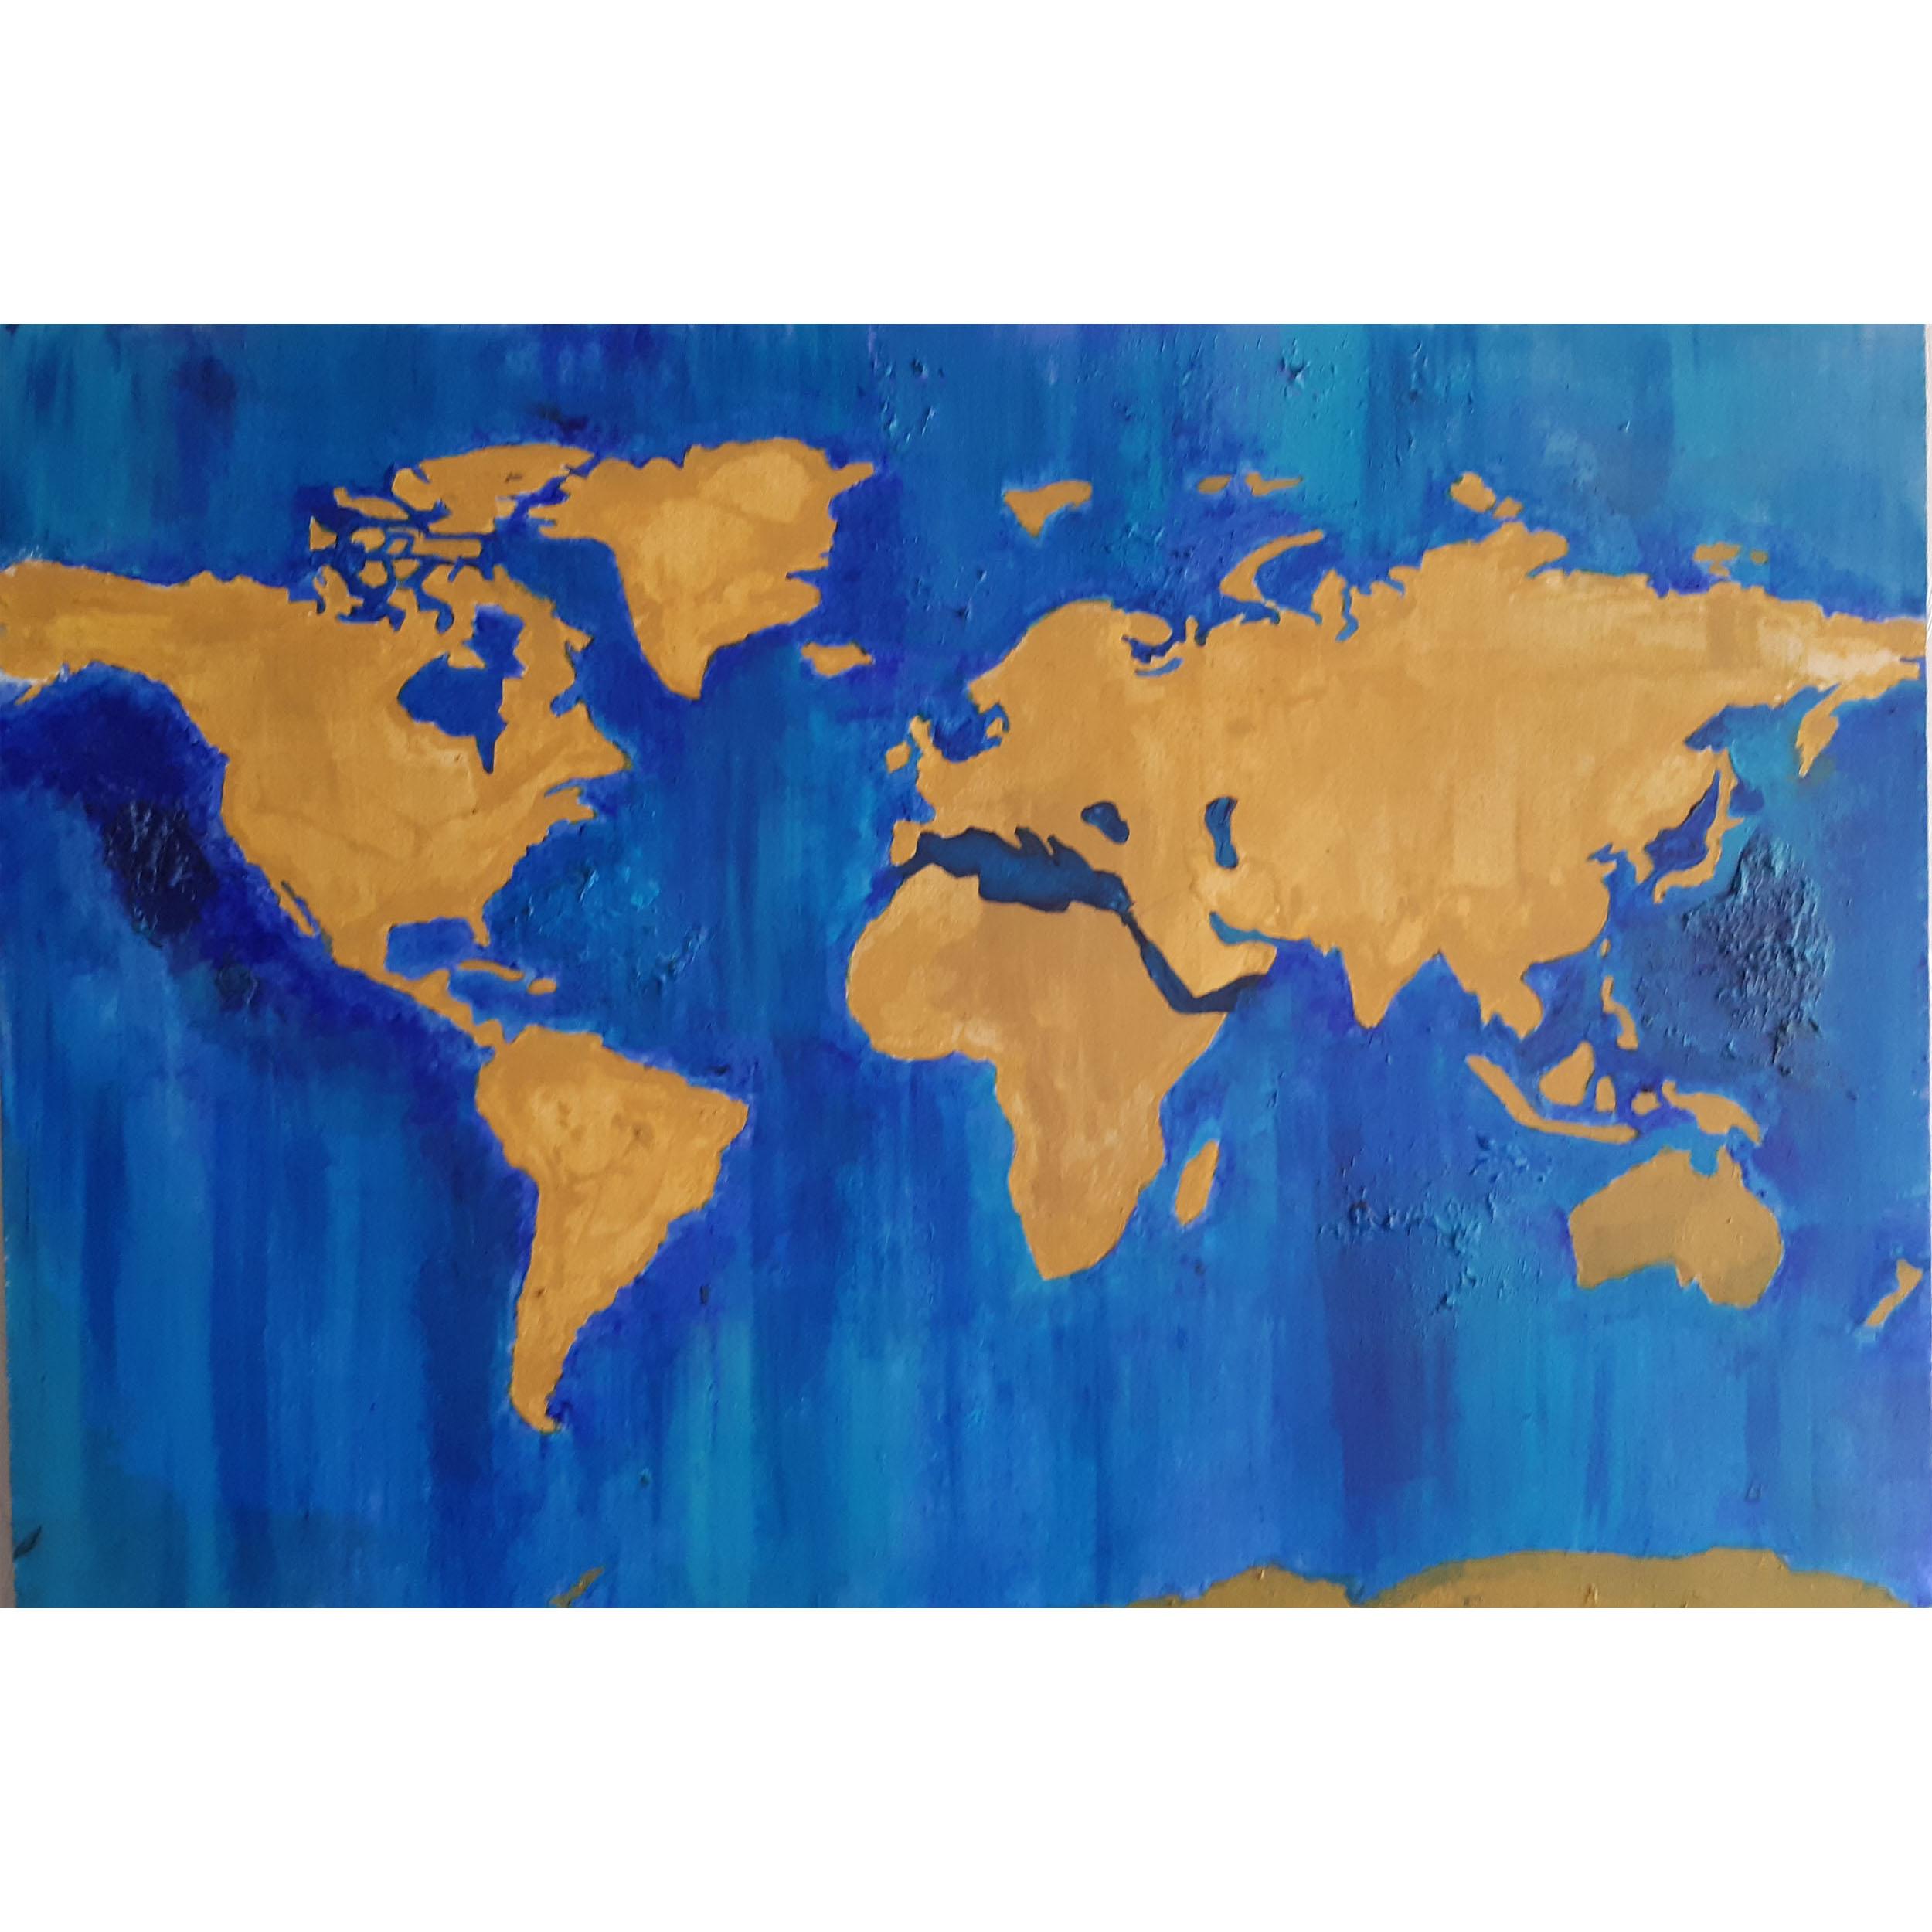 تابلو  طرح نقشه جهان کد AS-05